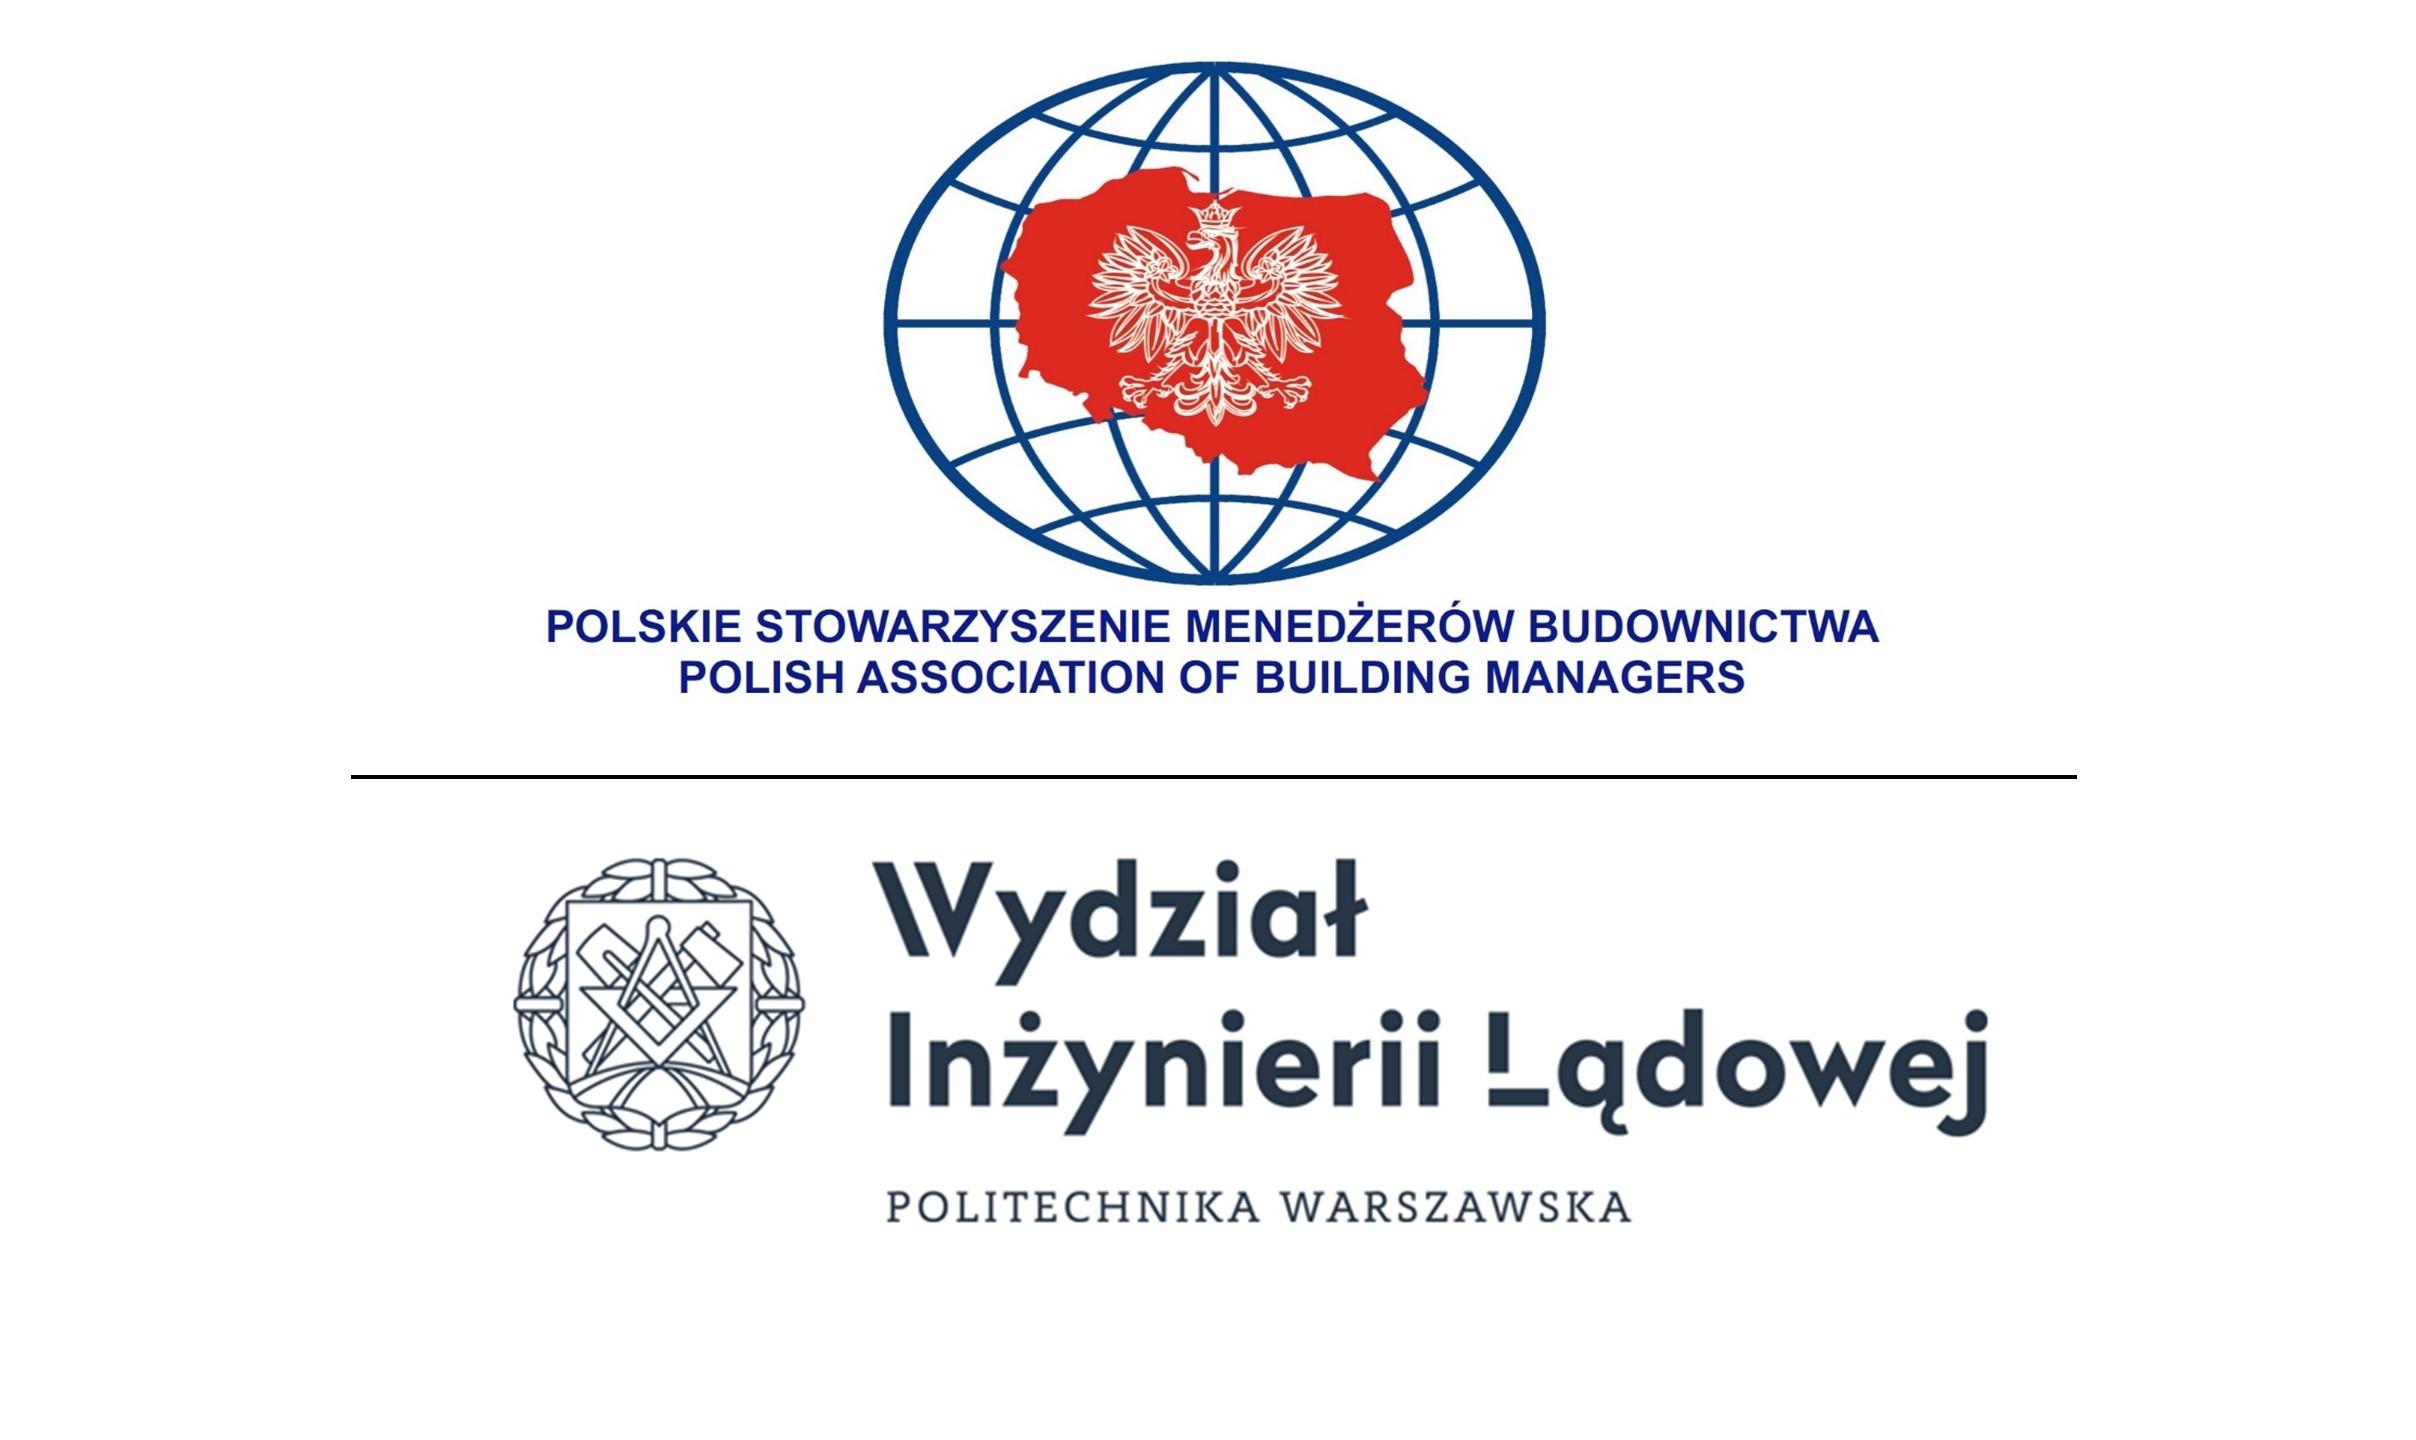 Nowe oblicze prefabrykacji – konferencja Polskiego Stowarzyszenia Menedżerów Budownictwa